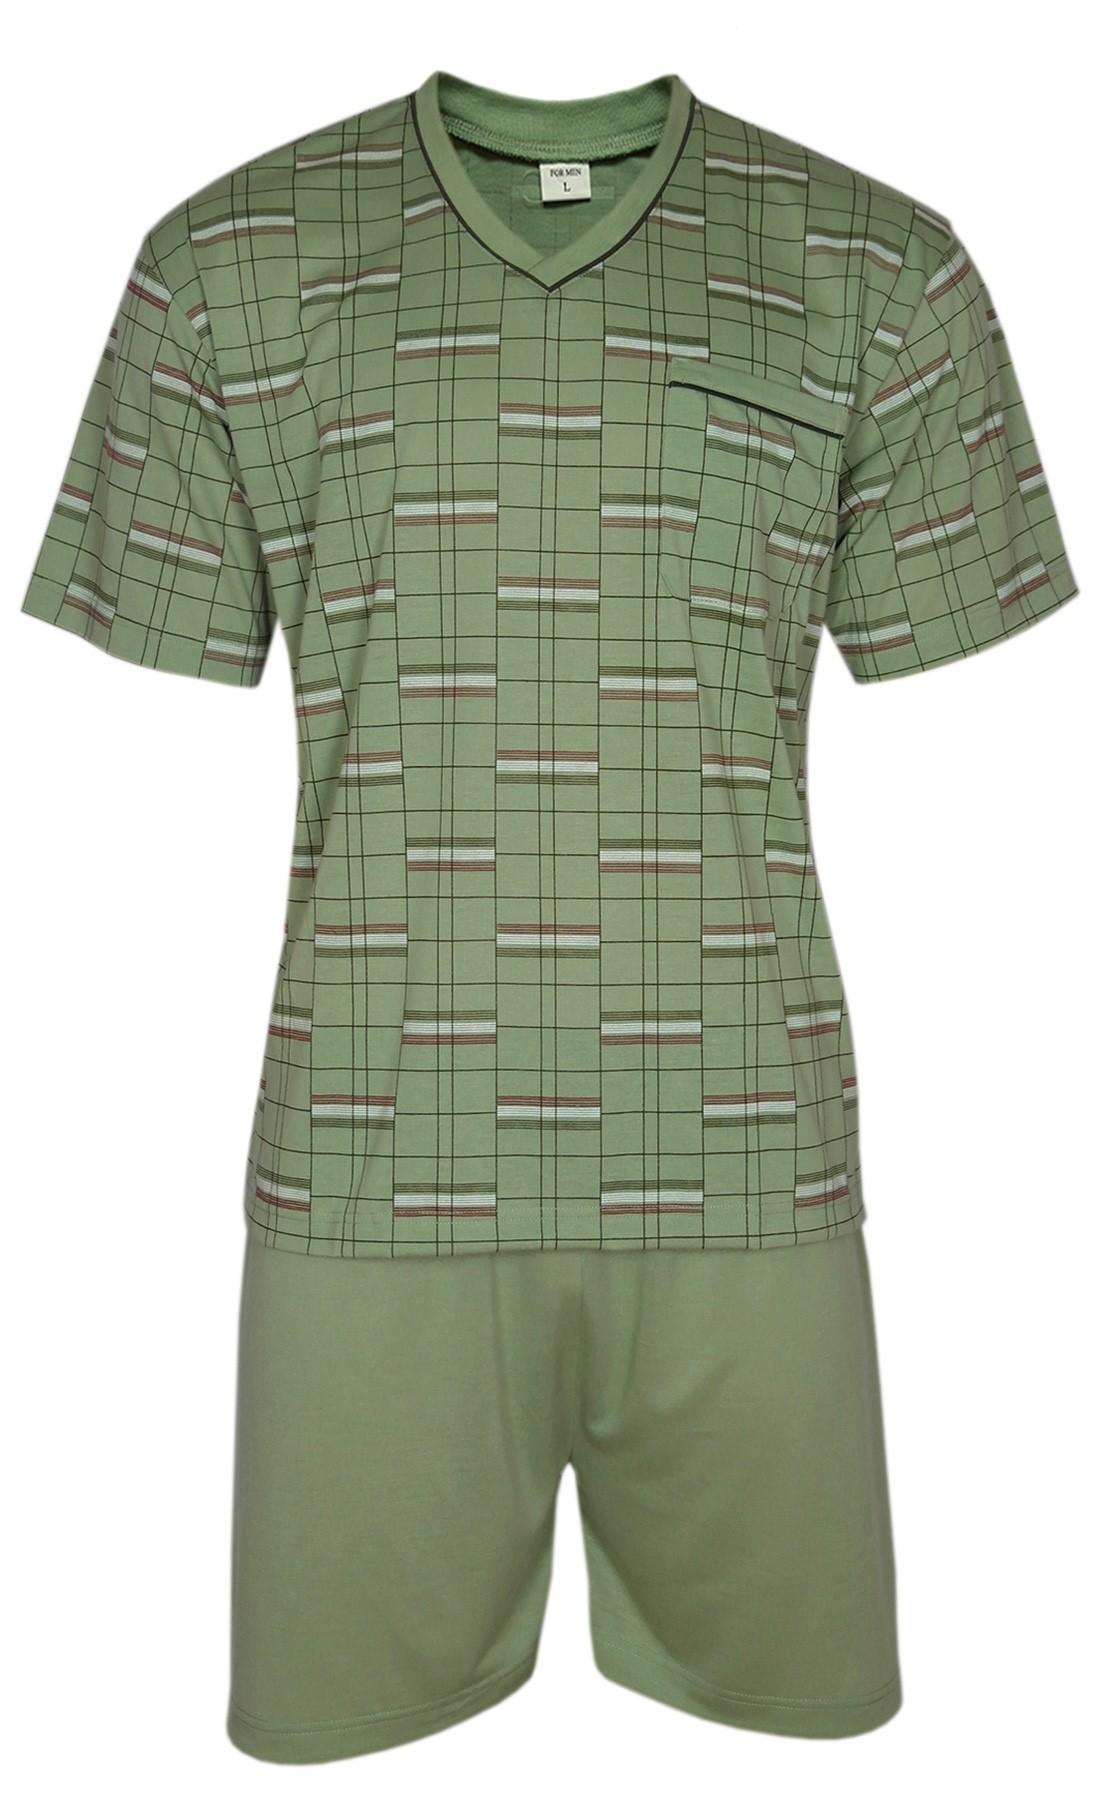 FORMEN - Kurzer Herrenschlafanzug, Pyjama mit Shorty 100% Baumwolle - Oliv